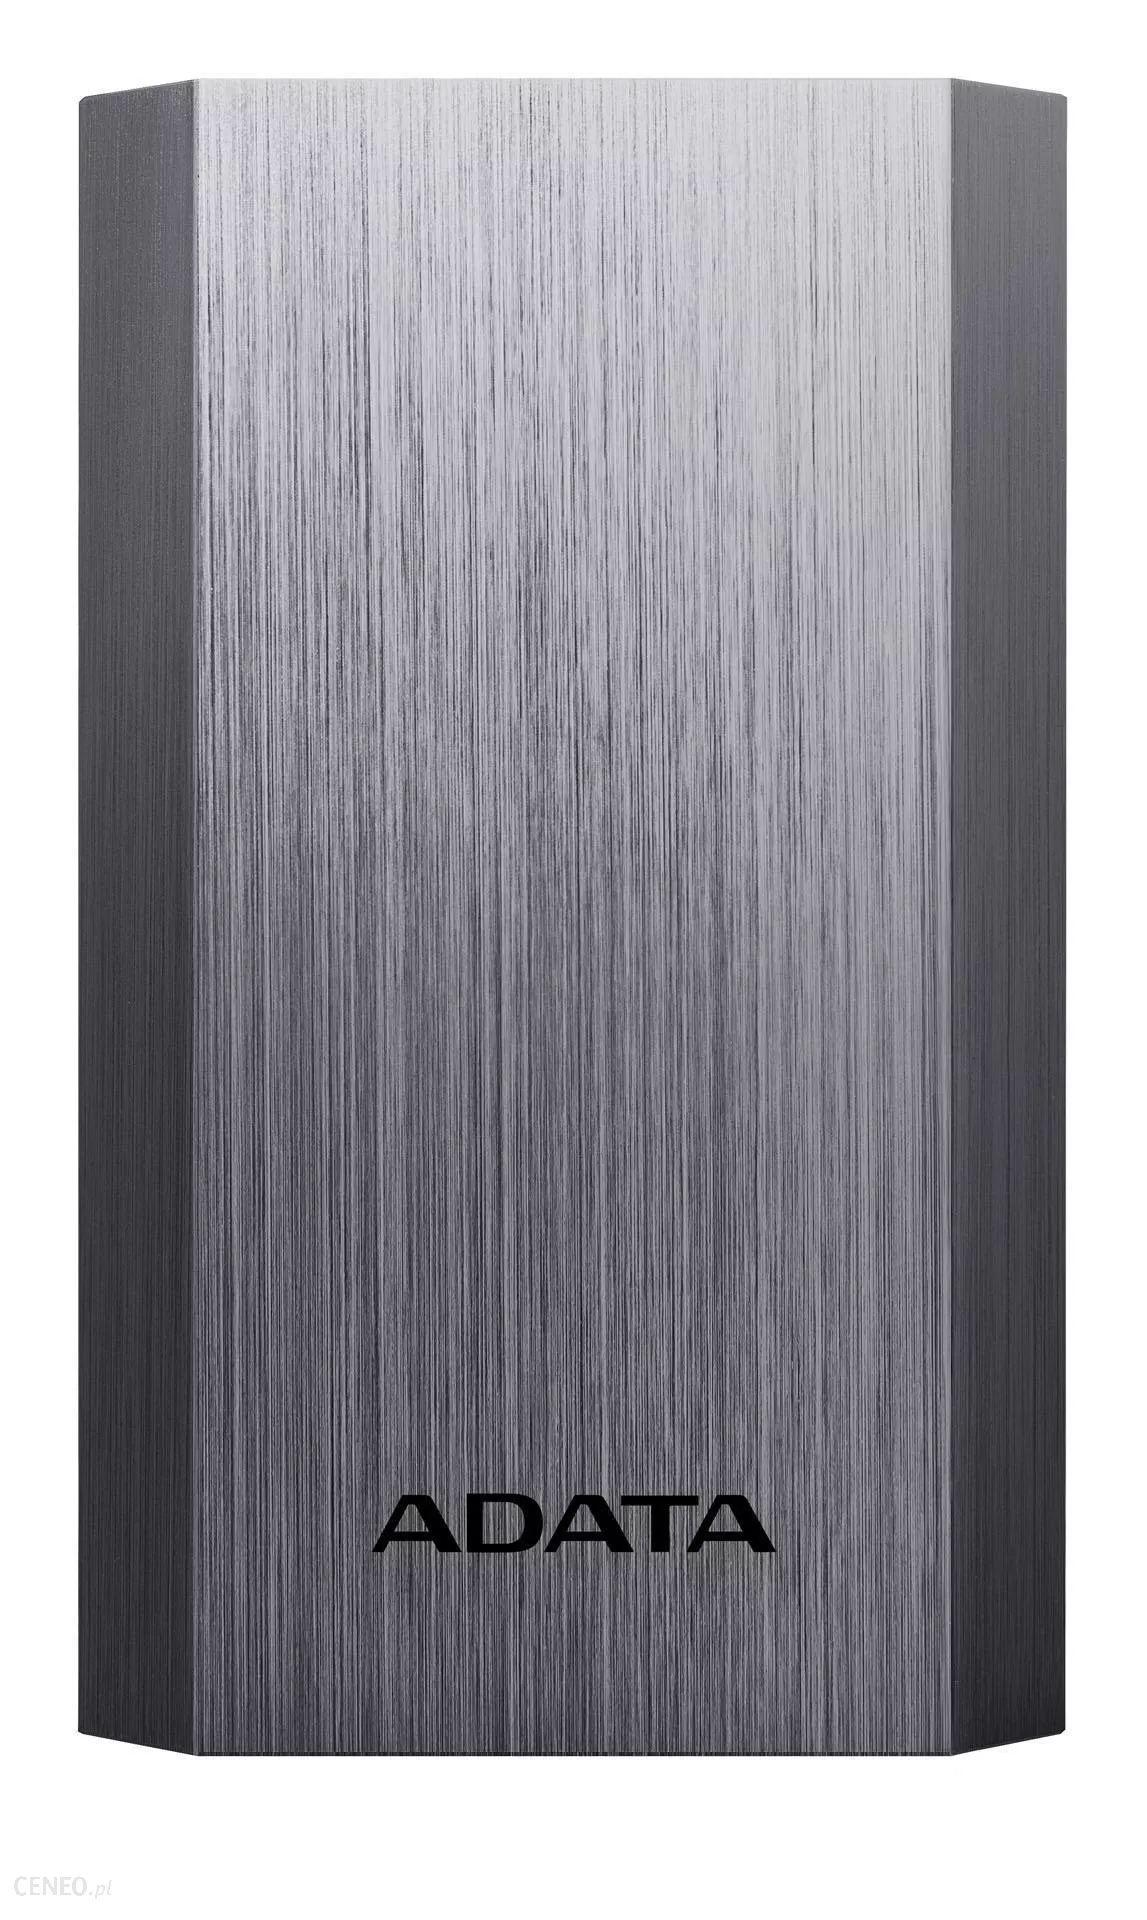 Powerbank ADATA A10050, odbiór 0zł